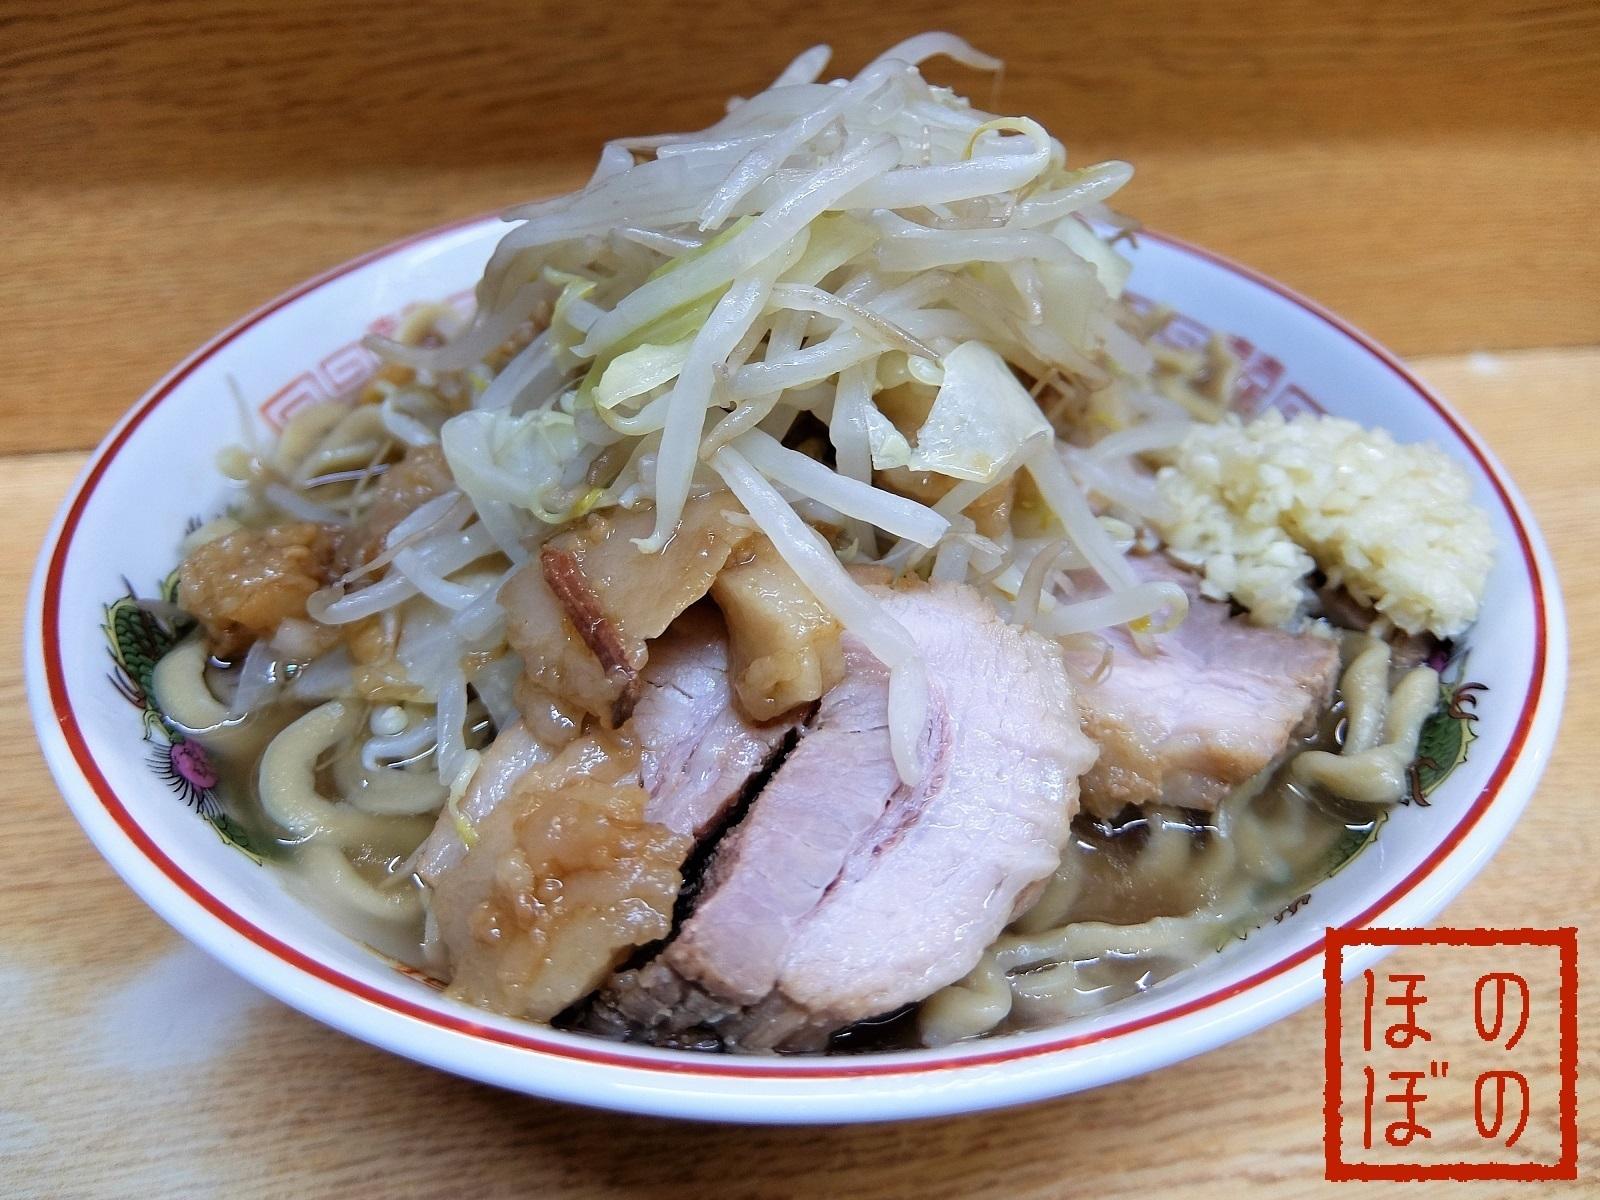 shinshindaita-jirou139.jpg